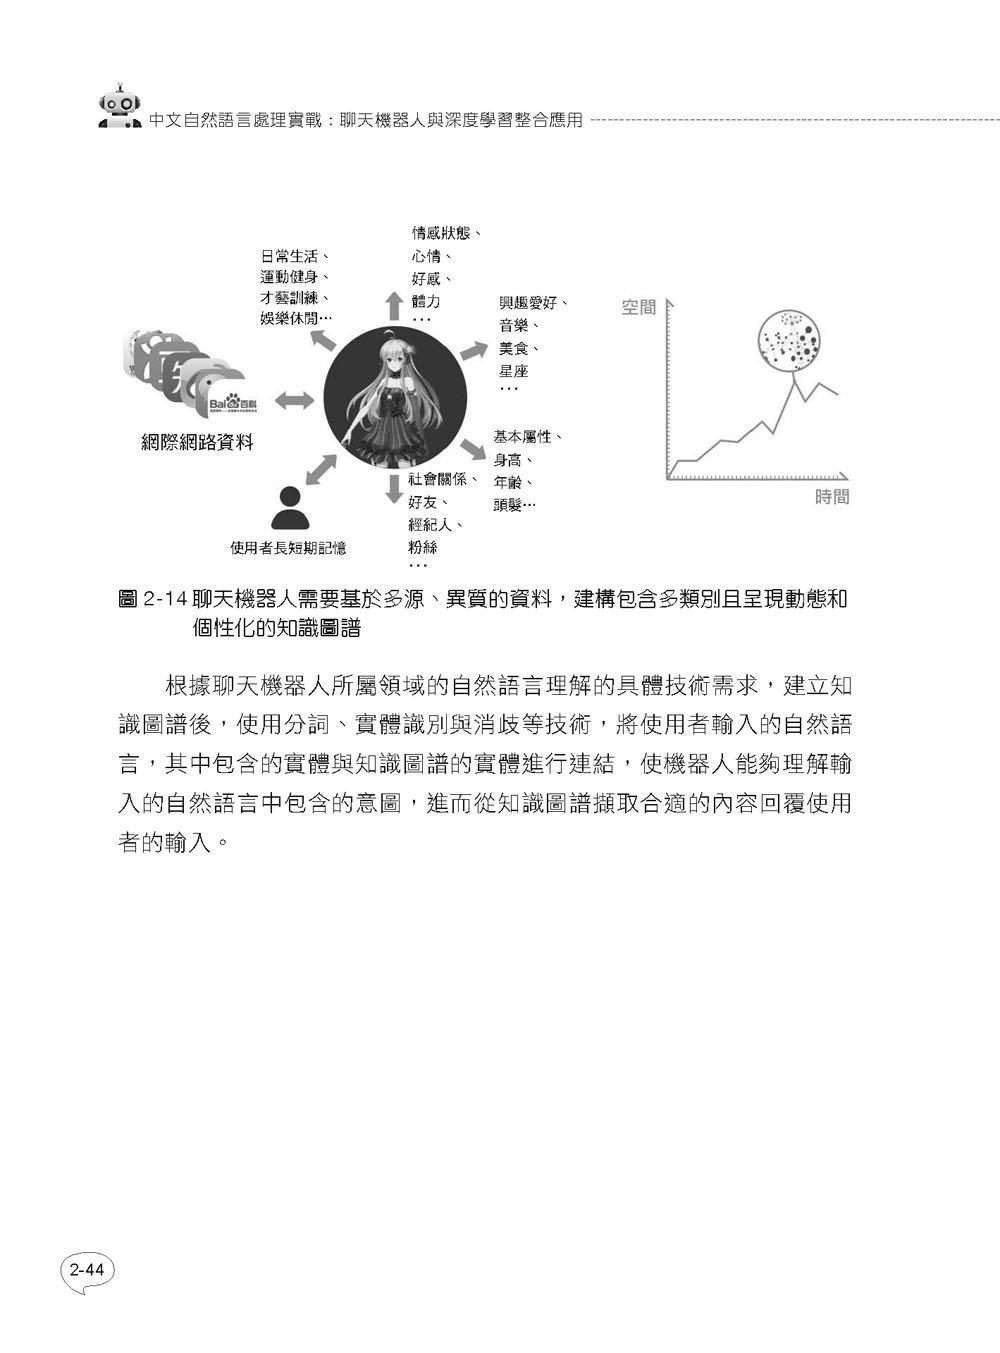 中文自然語言處理實戰:聊天機器人與深度學習整合應用-preview-15